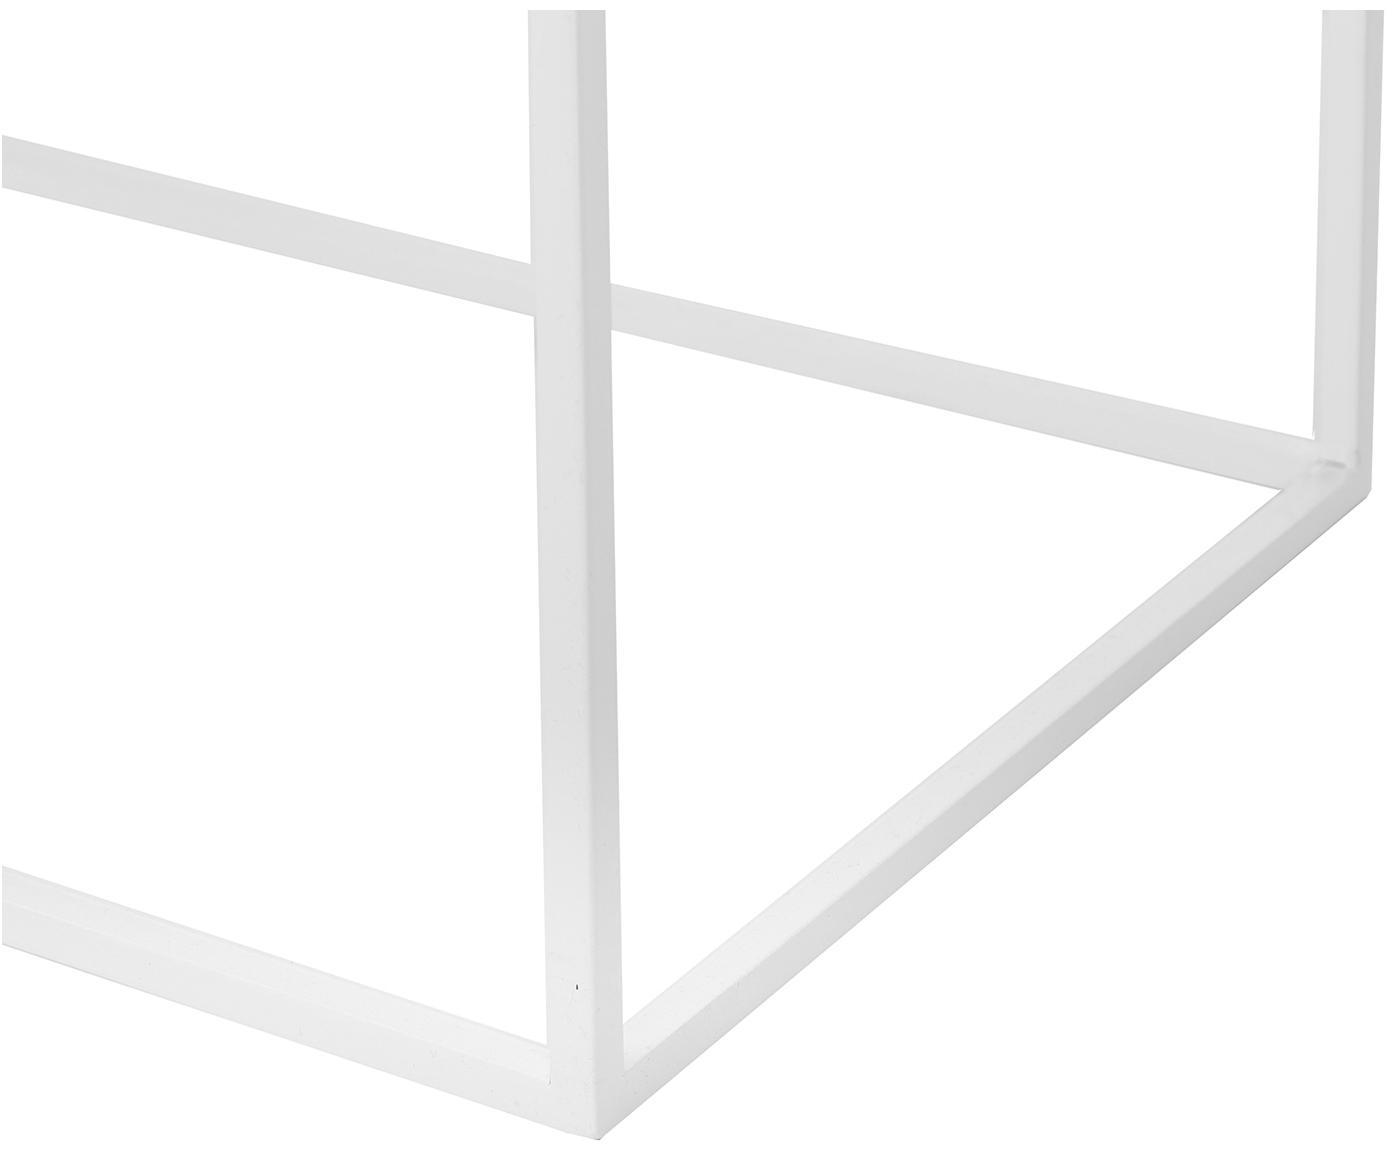 Console blanche en métal Tension, Blanc